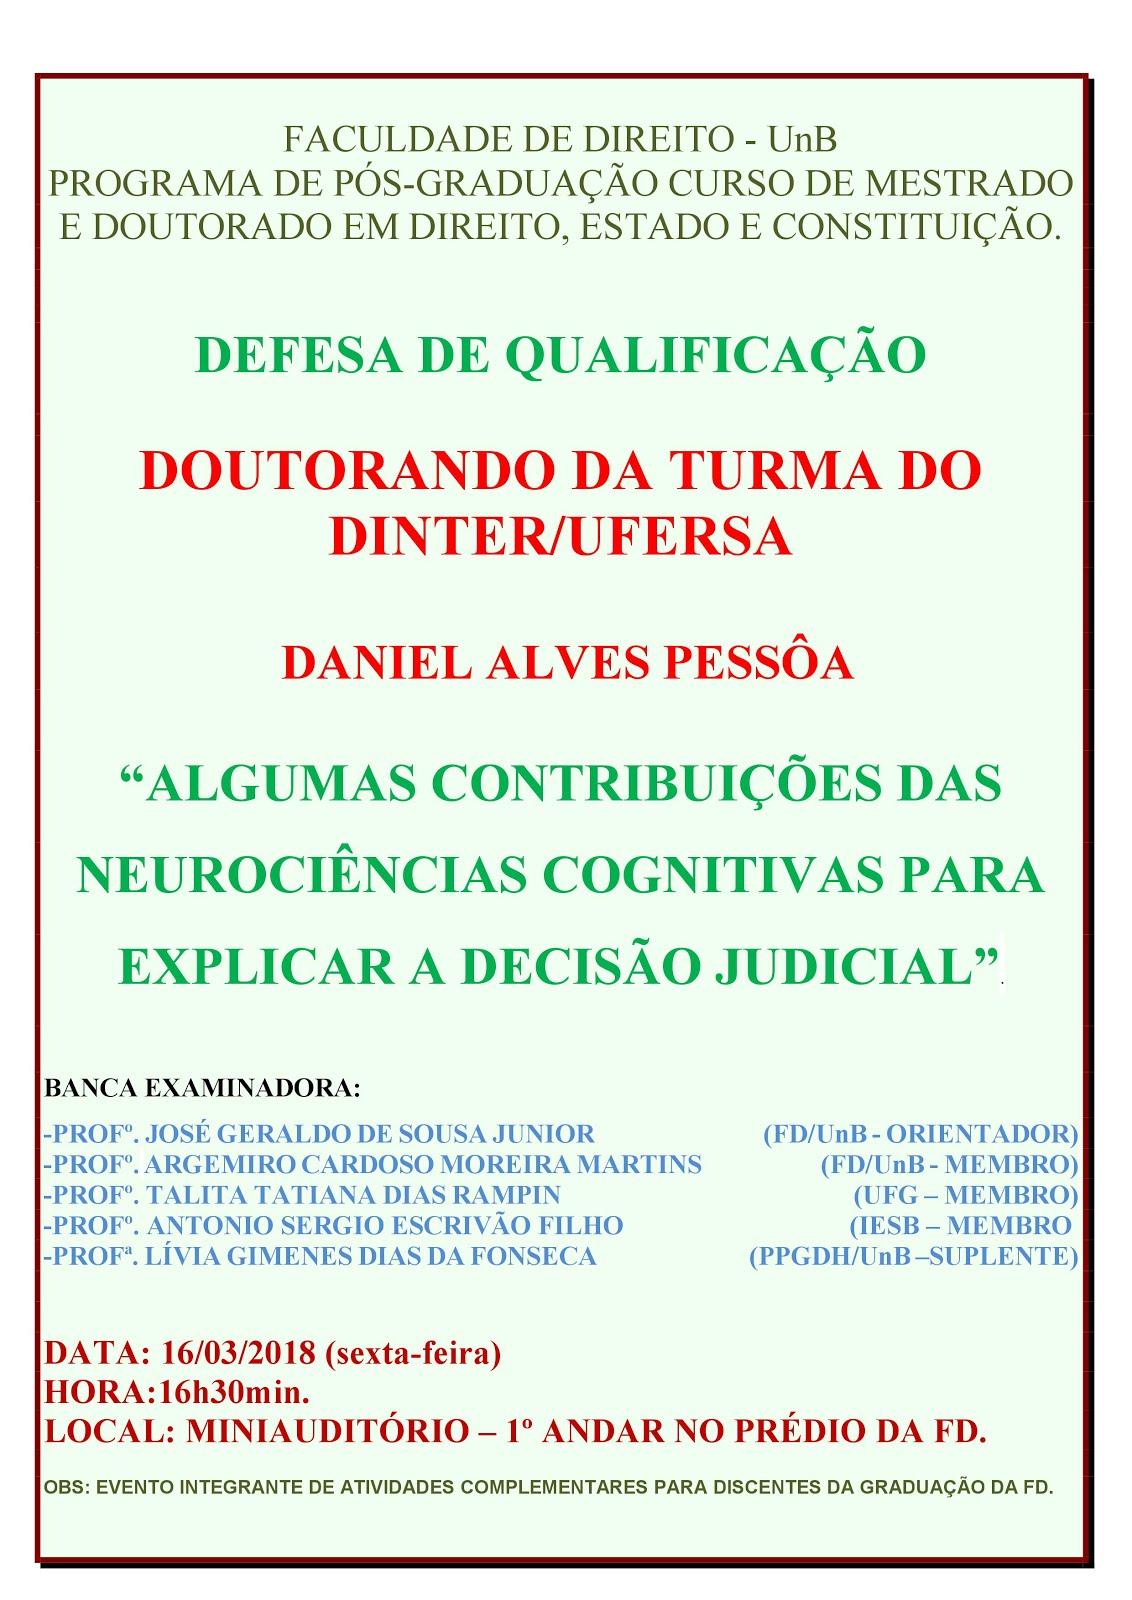 Convite para qualificação da Tese de Doutorado